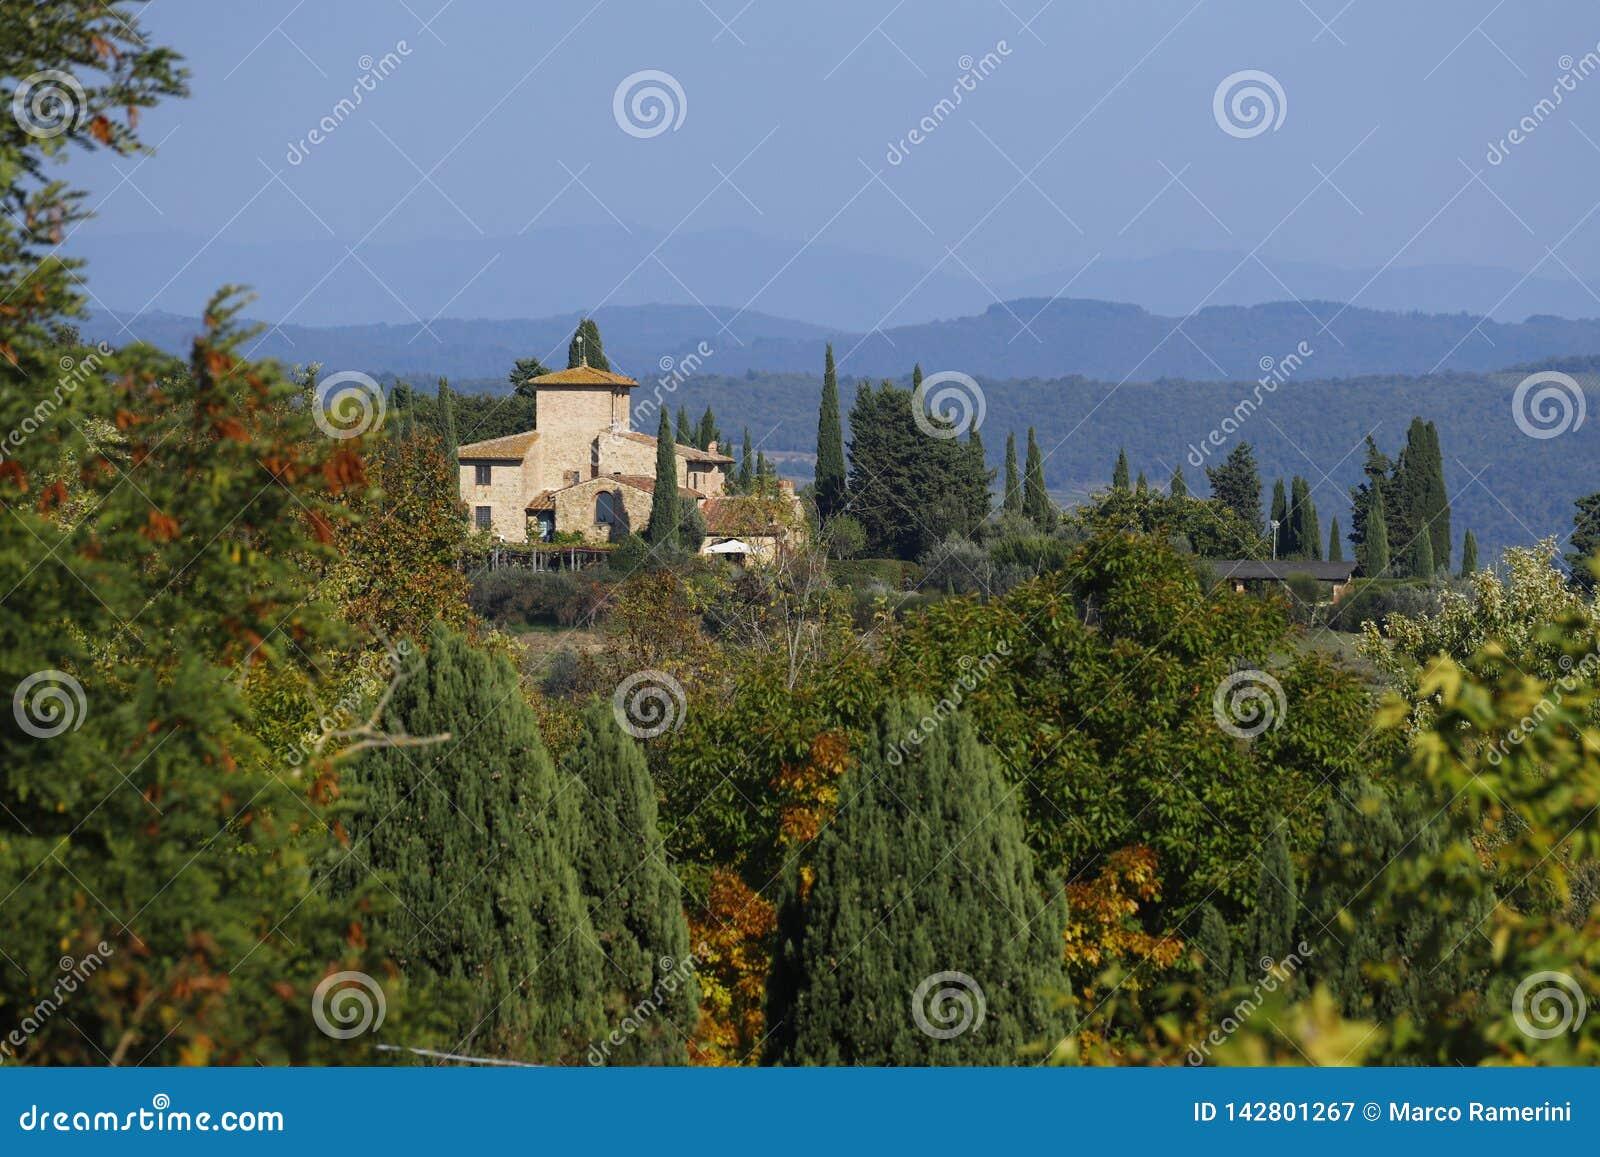 Landschaftsbild von Toskana im Herbst Die Hügel des Chiantis südlich